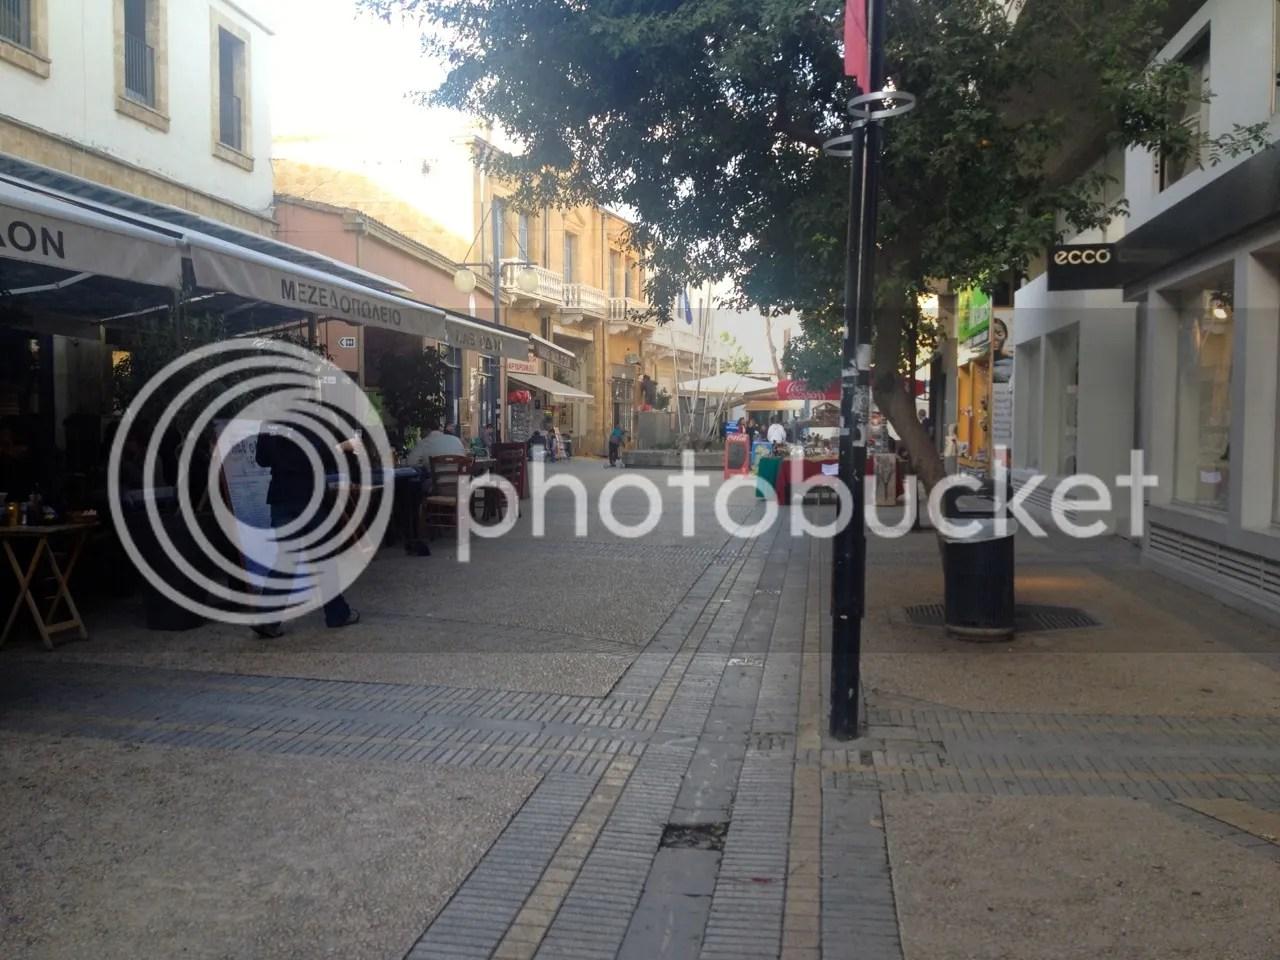 https://i2.wp.com/i181.photobucket.com/albums/x35/jwhite9185/Larnaca/file-119.jpg